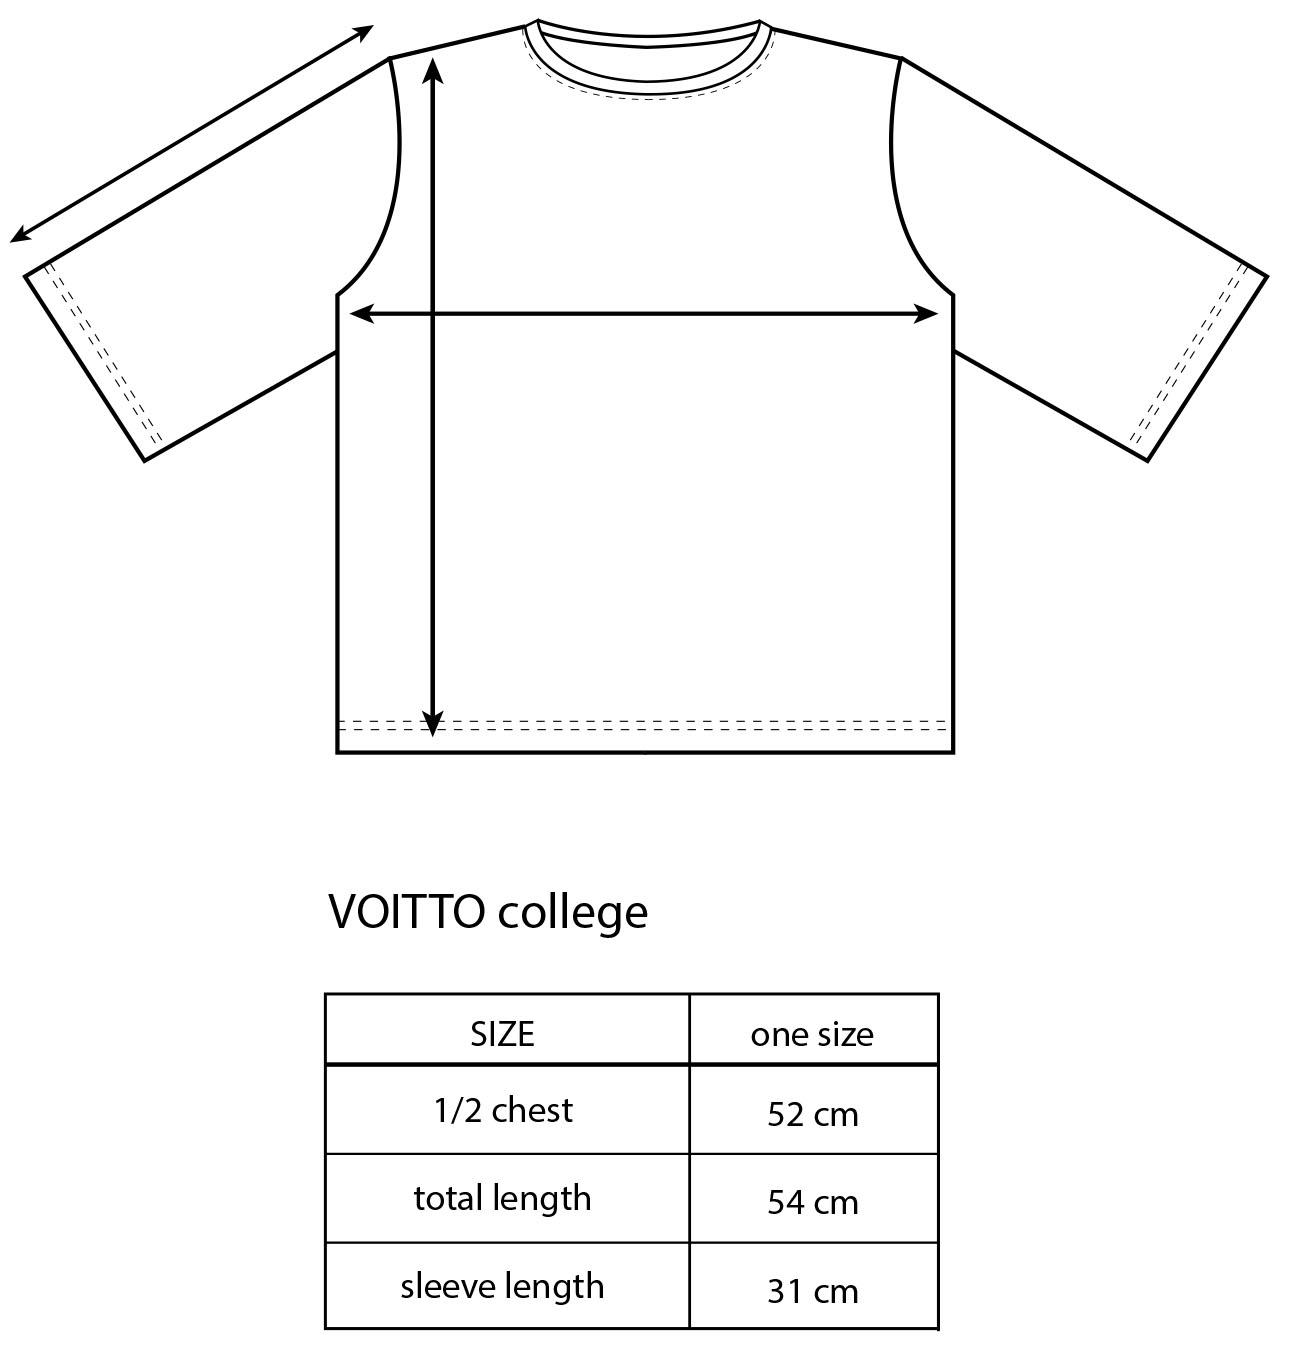 Vimma Sweatshirt 34 sleeves VOITTO TEMPLATE TEMPLATE Onesize - Onesize, Sweatshirt / 3/4 sleeves, TEMPLATE, VOITTO